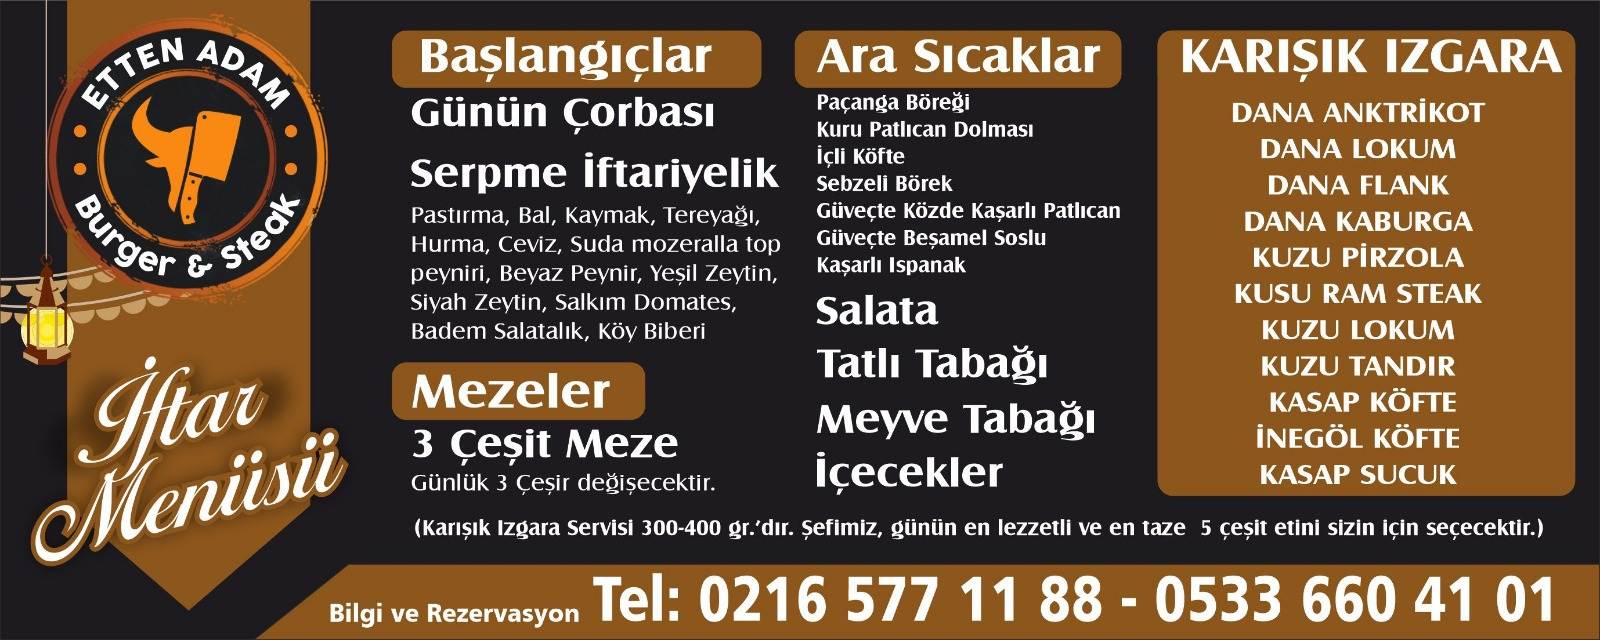 etten adam burger steak ataşehir istanbul ramazan 2019 iftar menü fiyat